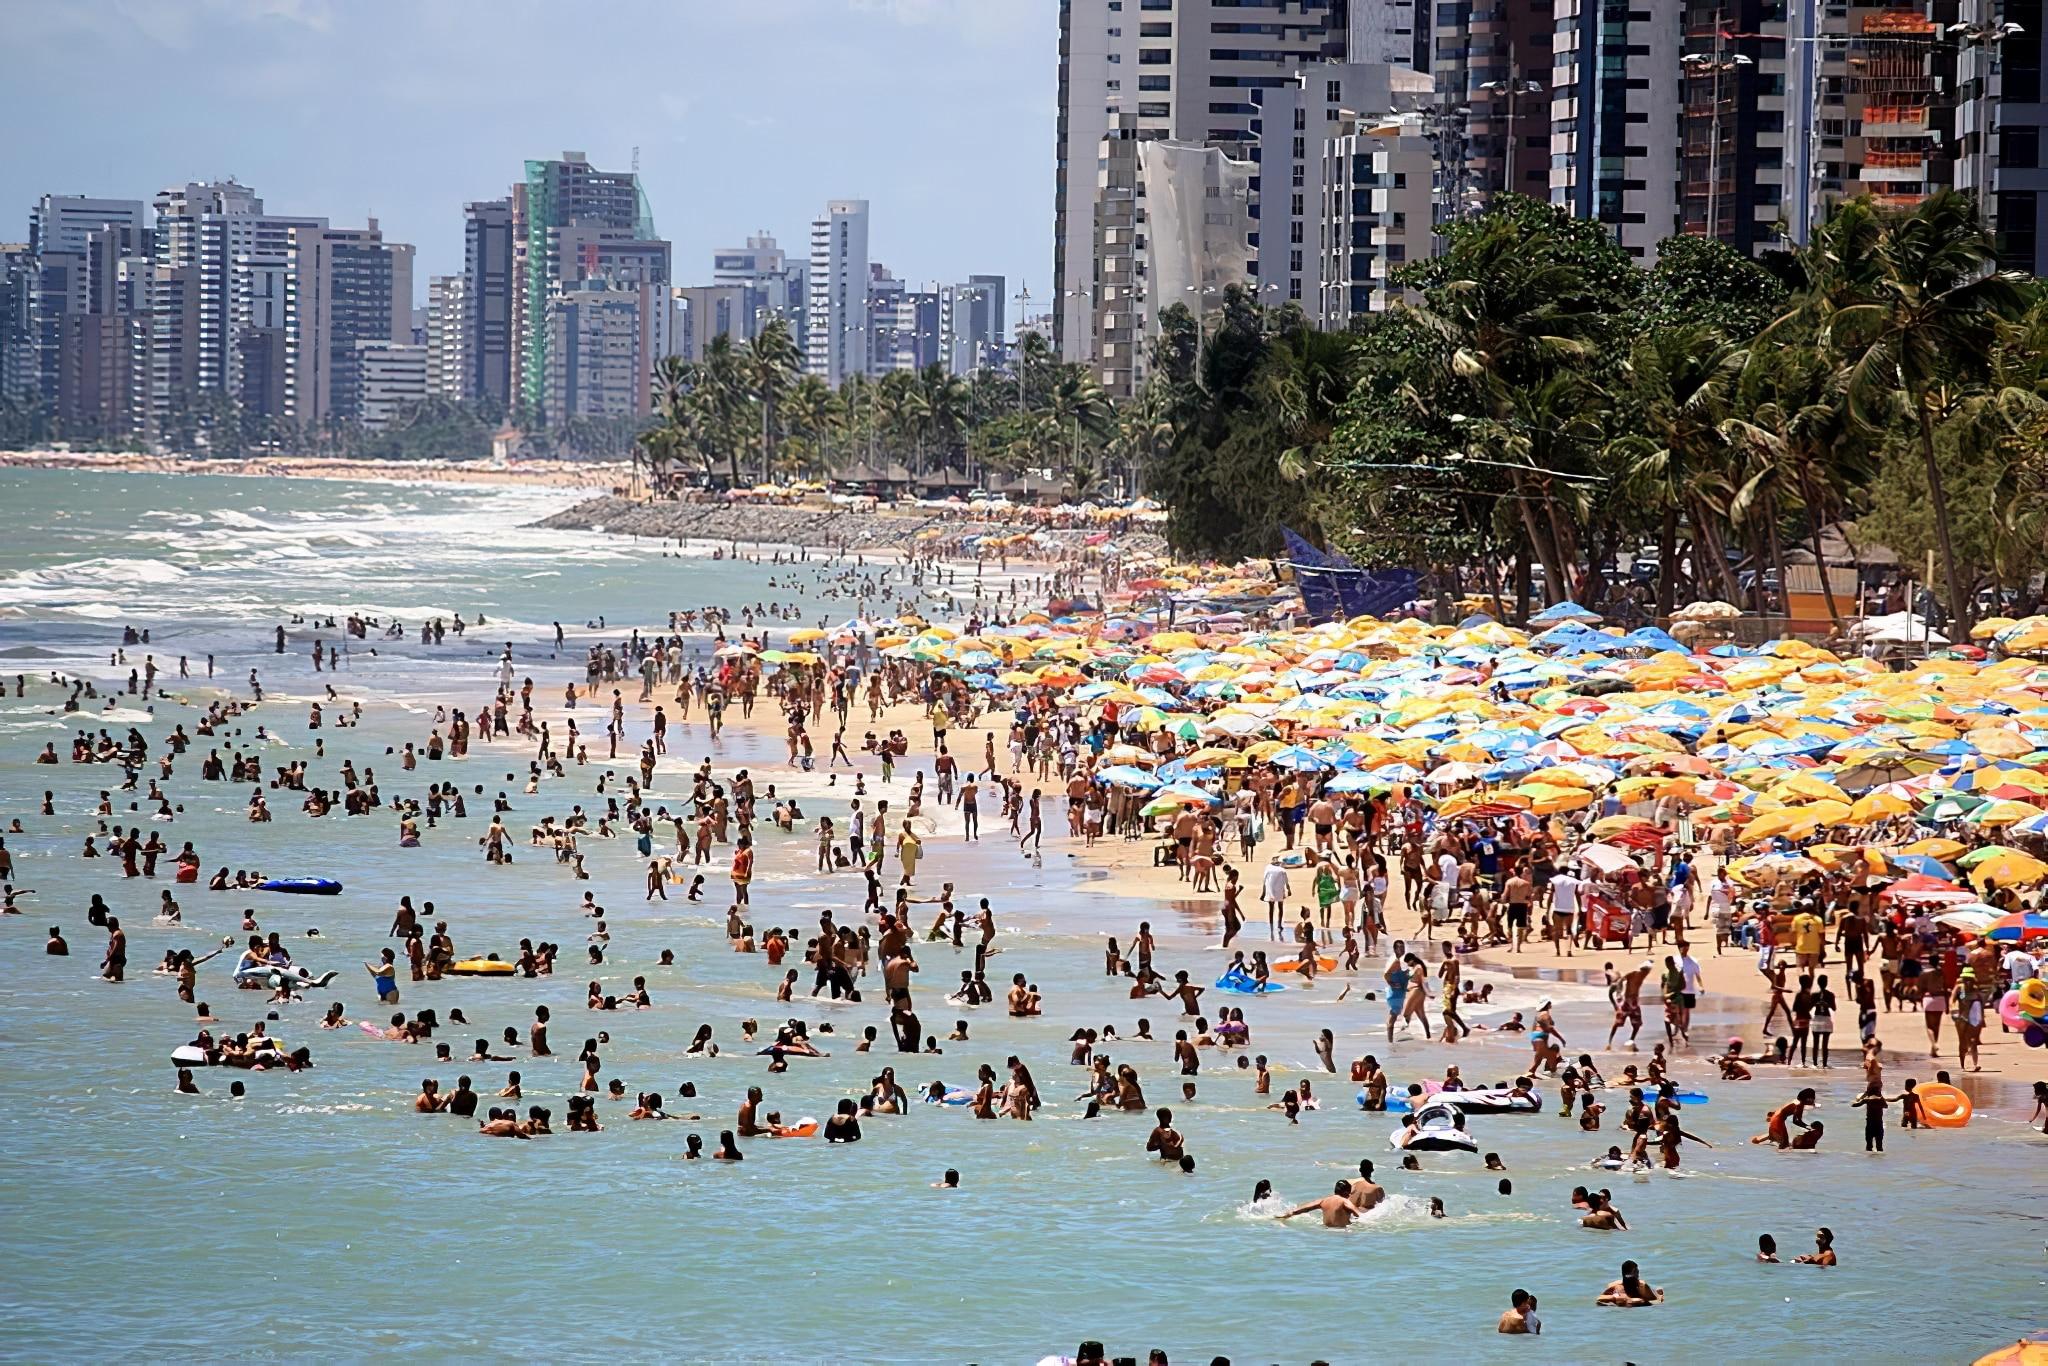 Plage de Recife, Brésil